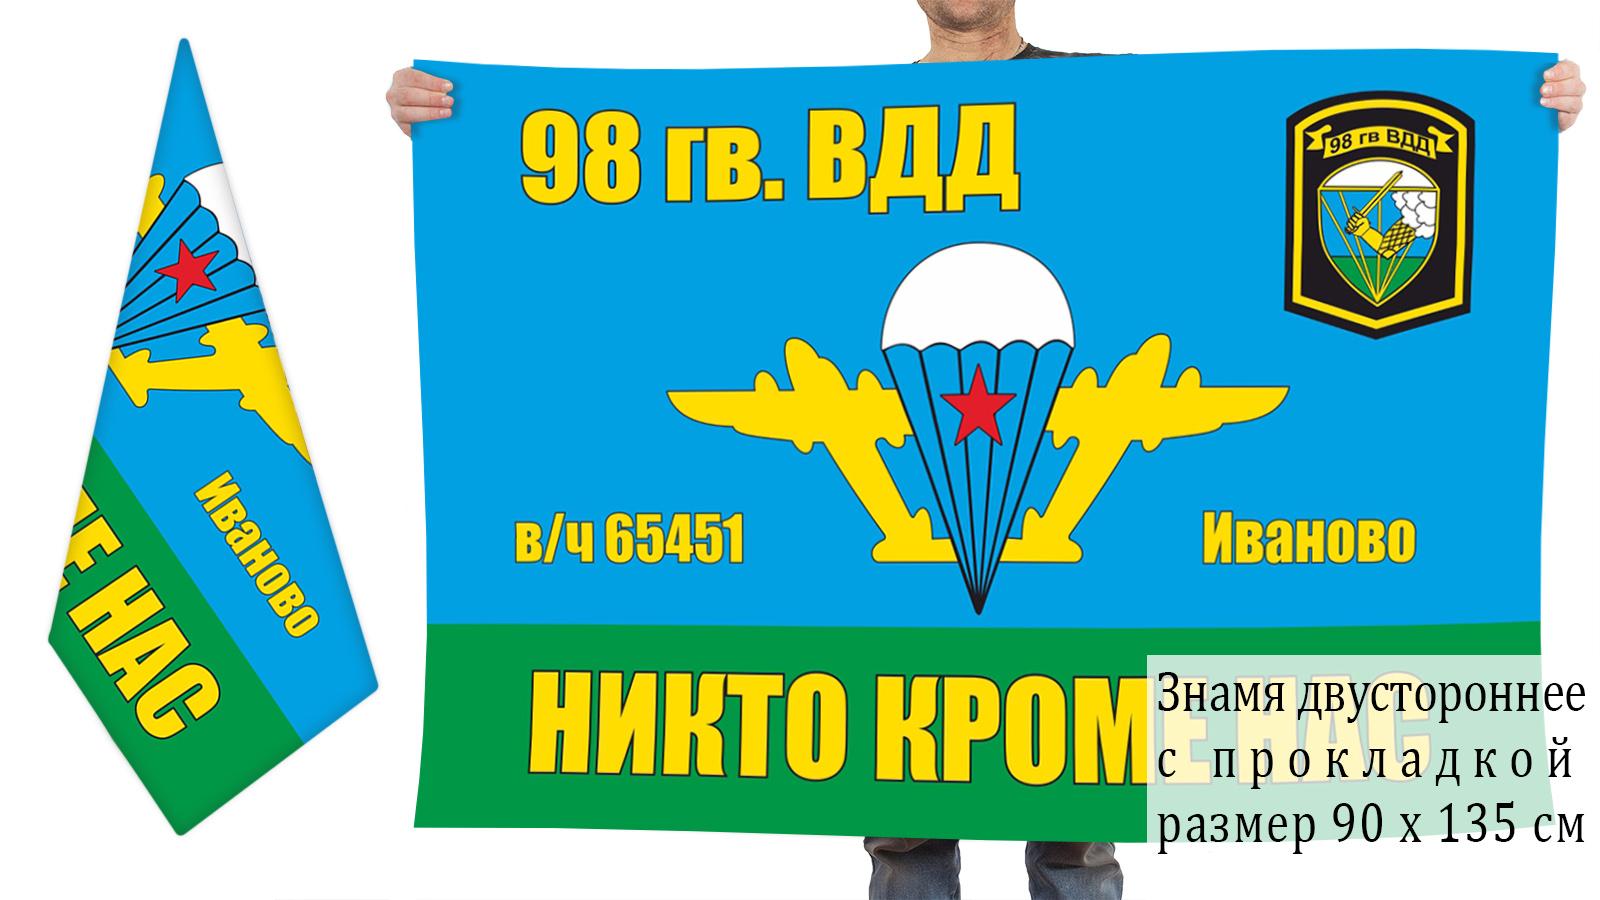 Двусторонний флаг 98 гв. воздушно-десантной дивизии